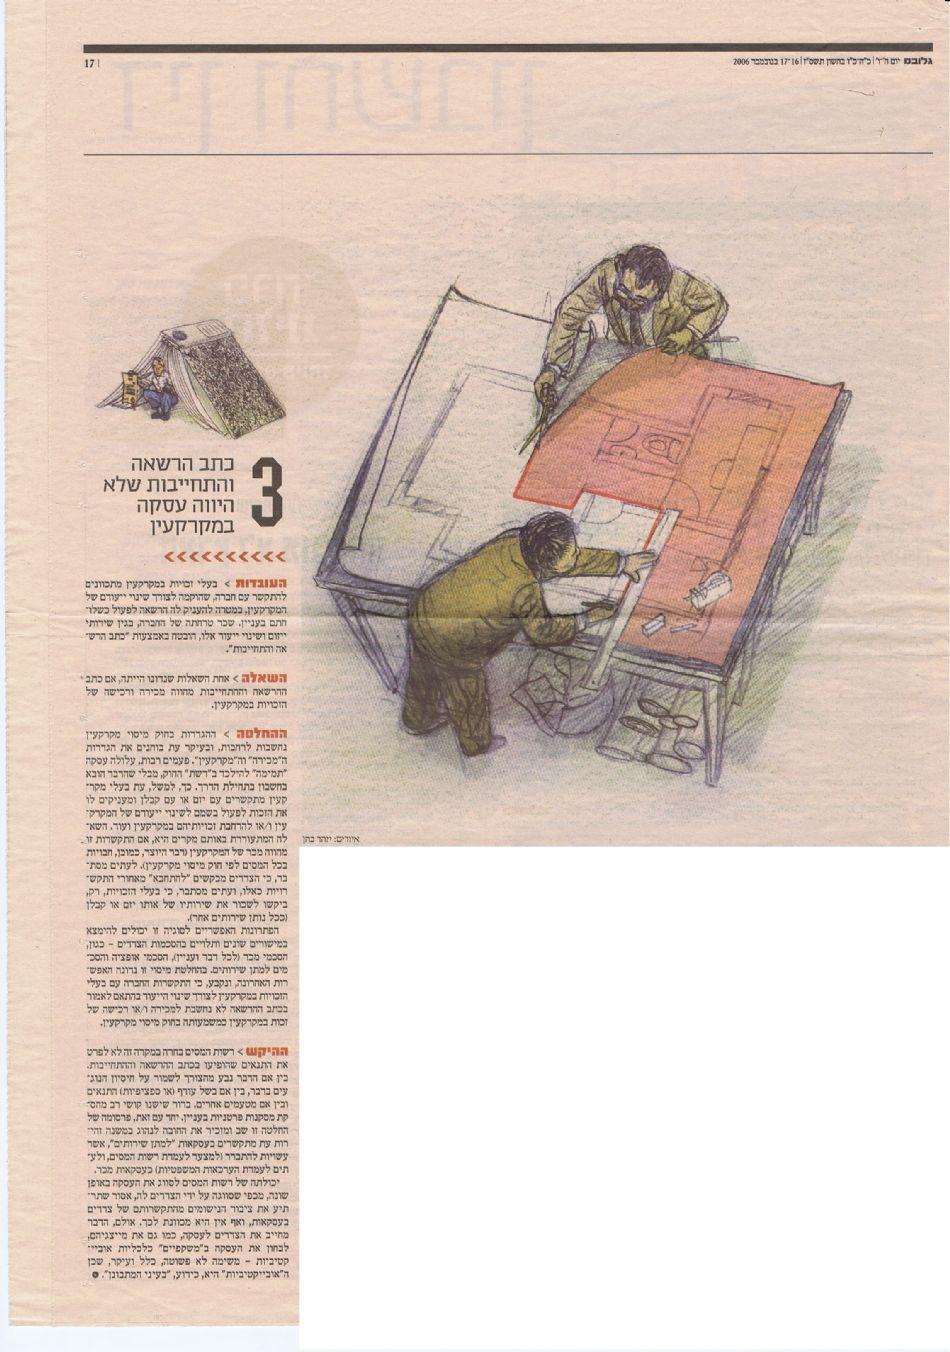 """פרה רולינג ( פרויקט מיוחד) רולינג מתגלגל, עו""""ד דוד גולדמן"""